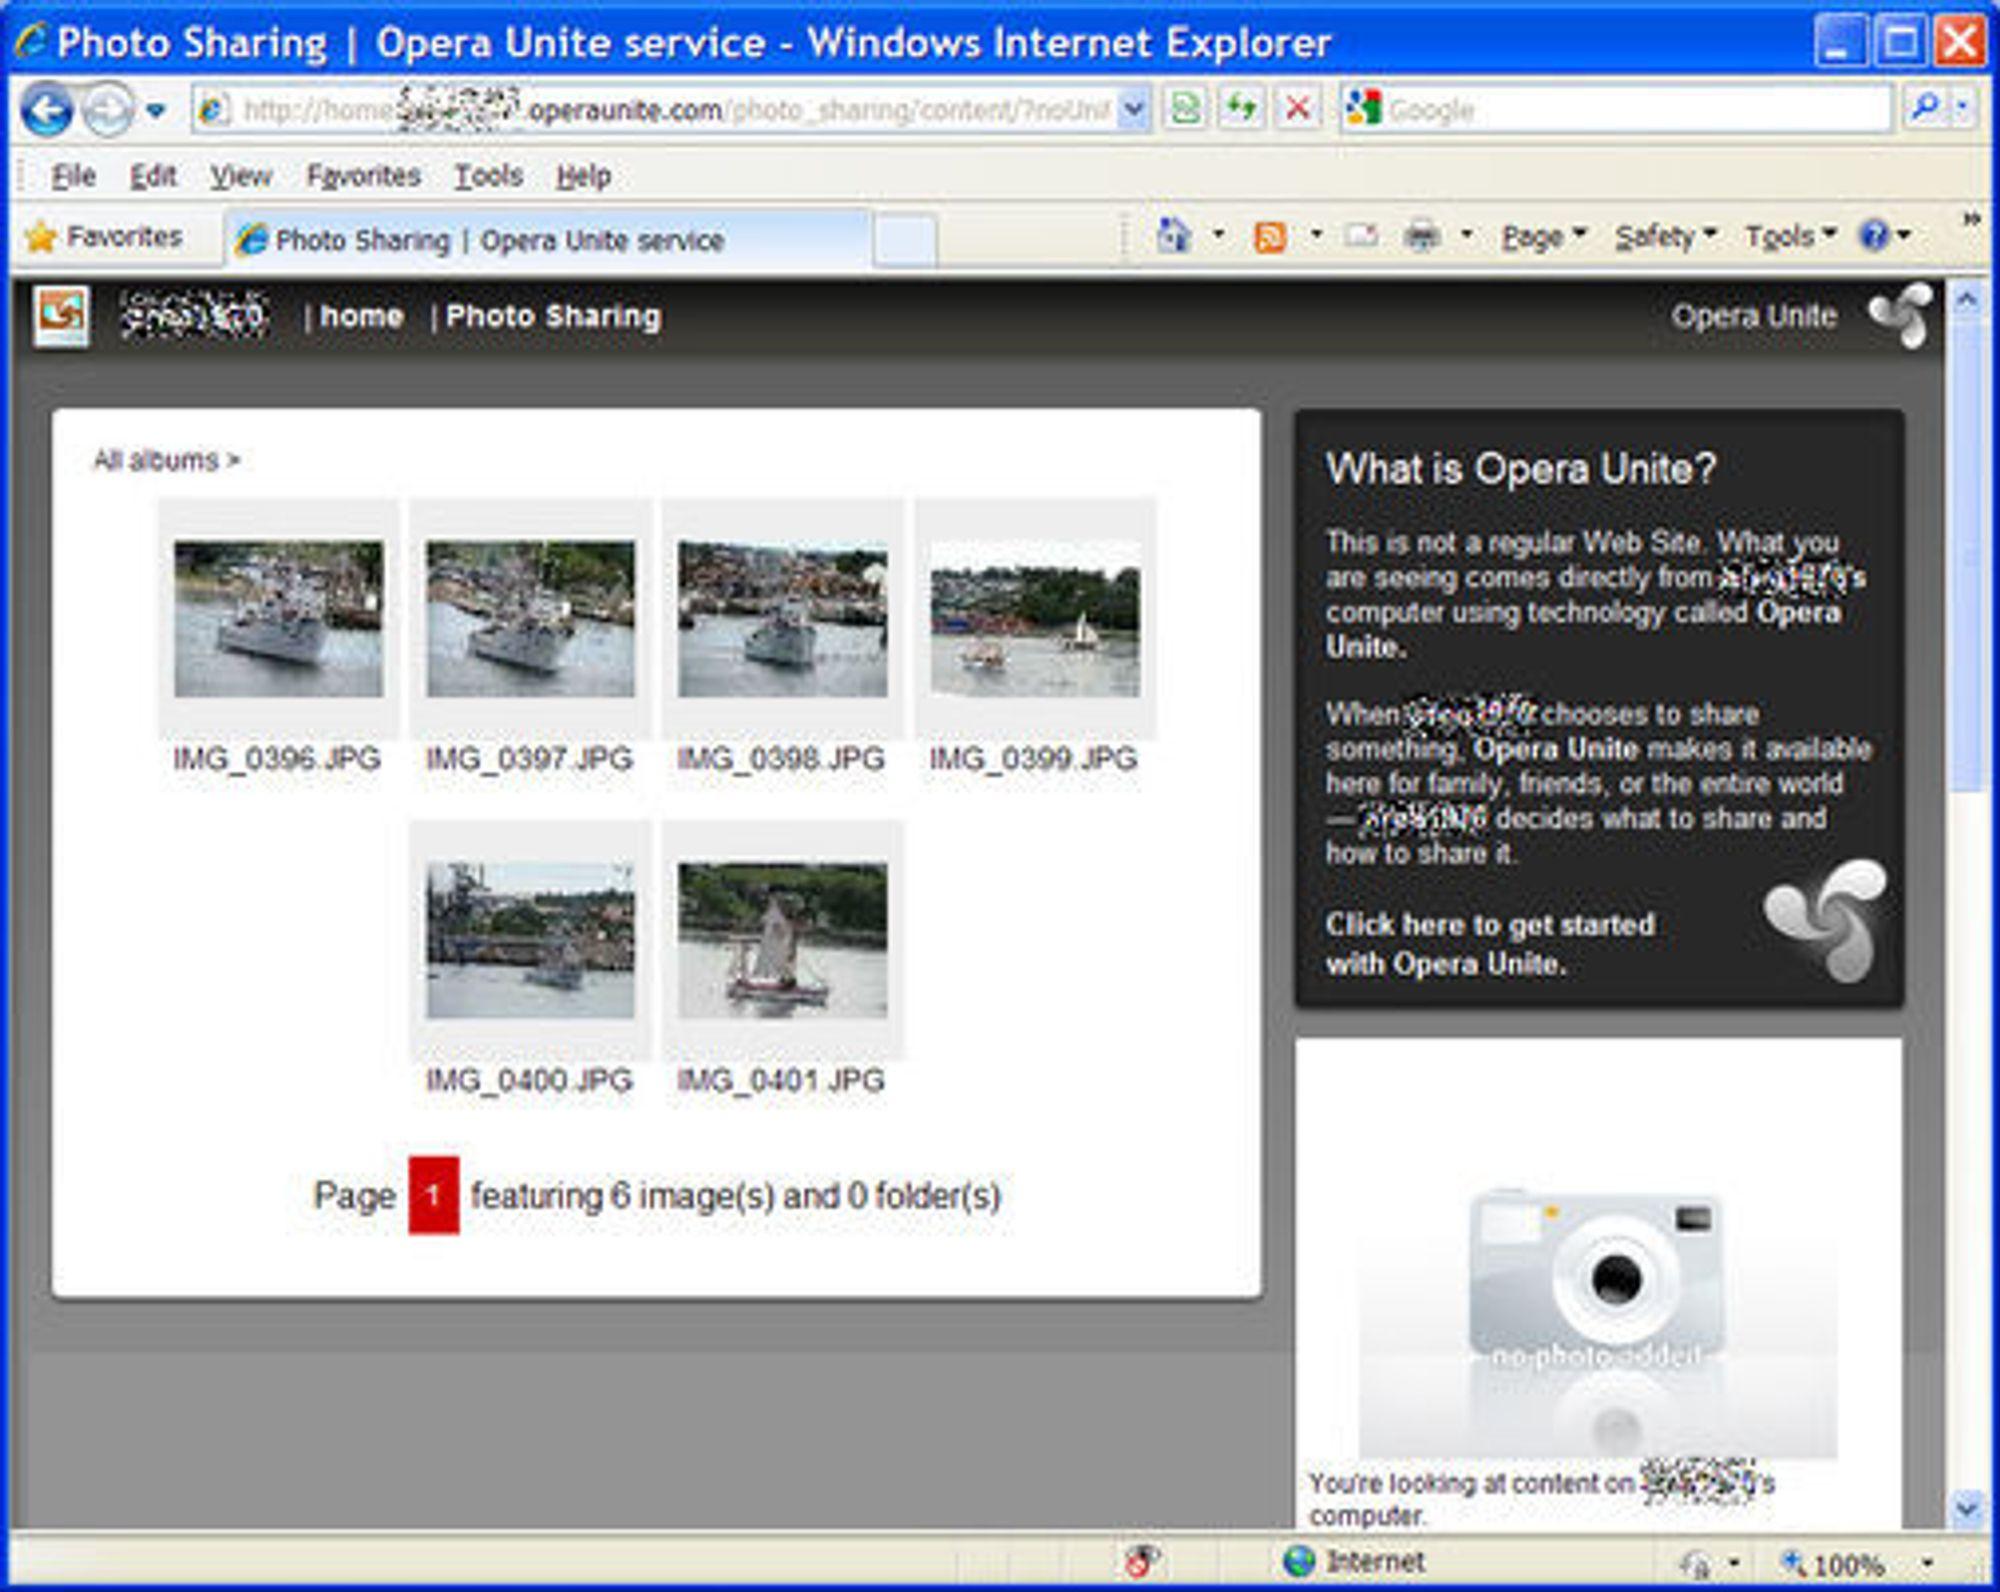 De samme fotografiene er nå også tilgjengelige fra IE8. Men bare så lenge Opera-nettleseren kjøres på PC-en og Opera Unite-funksjonen er aktivert.